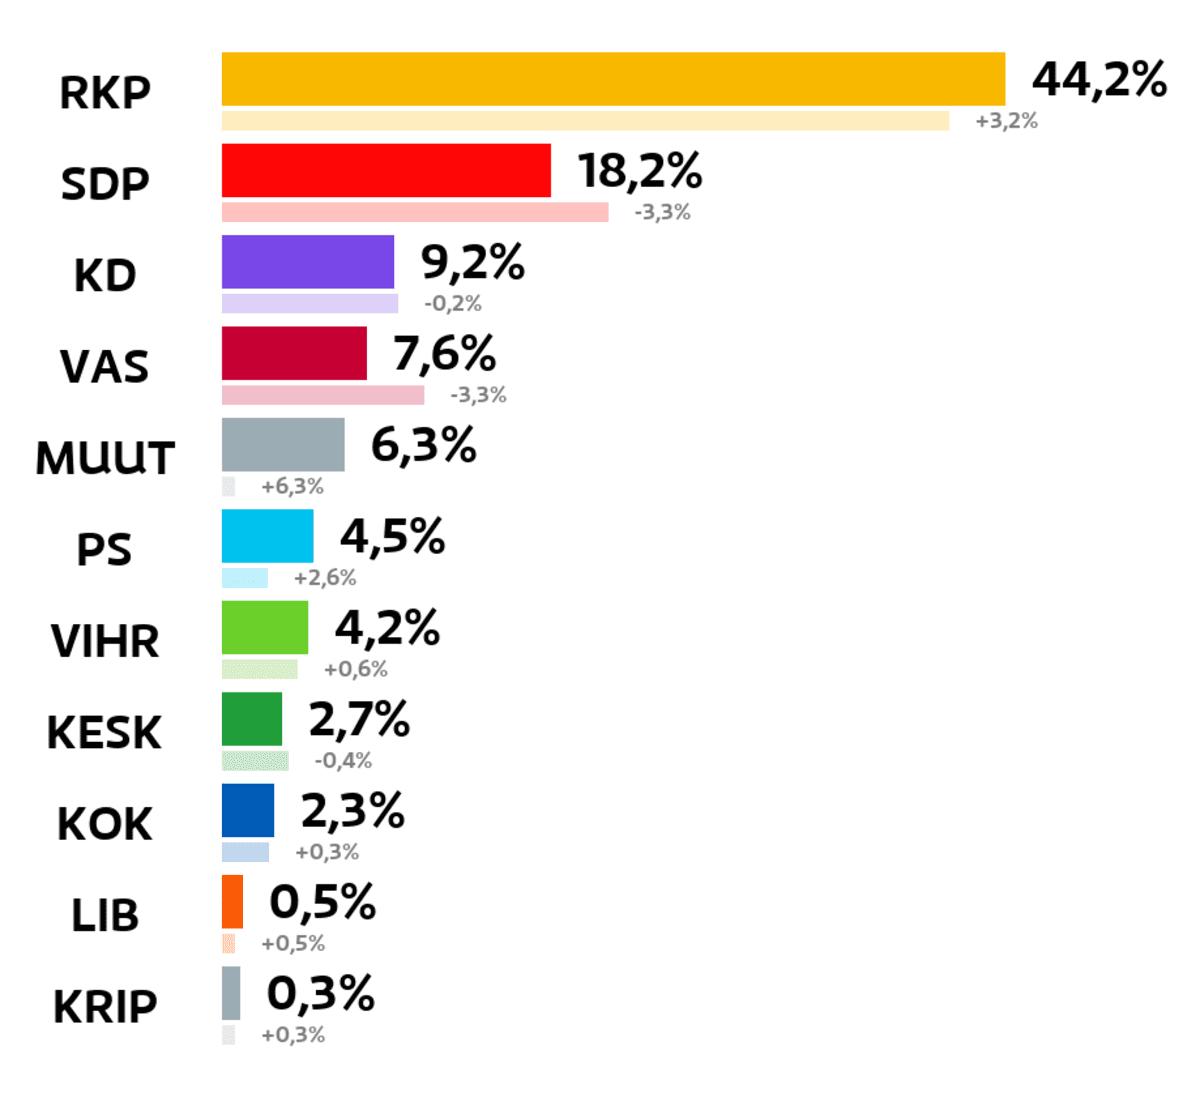 Pietarsaari: Kuntavaalien tulos (%) RKP: 44,2 prosenttia SDP: 18,2 prosenttia Kristillisdemokraatit: 9,2 prosenttia Vasemmistoliitto: 7,6 prosenttia Muut ryhmät: 6,3 prosenttia Perussuomalaiset: 4,5 prosenttia Vihreät: 4,2 prosenttia Keskusta: 2,7 prosenttia Kokoomus: 2,3 prosenttia Liberaalipuolue: 0,5 prosenttia Kristallipuolue: 0,3 prosenttia